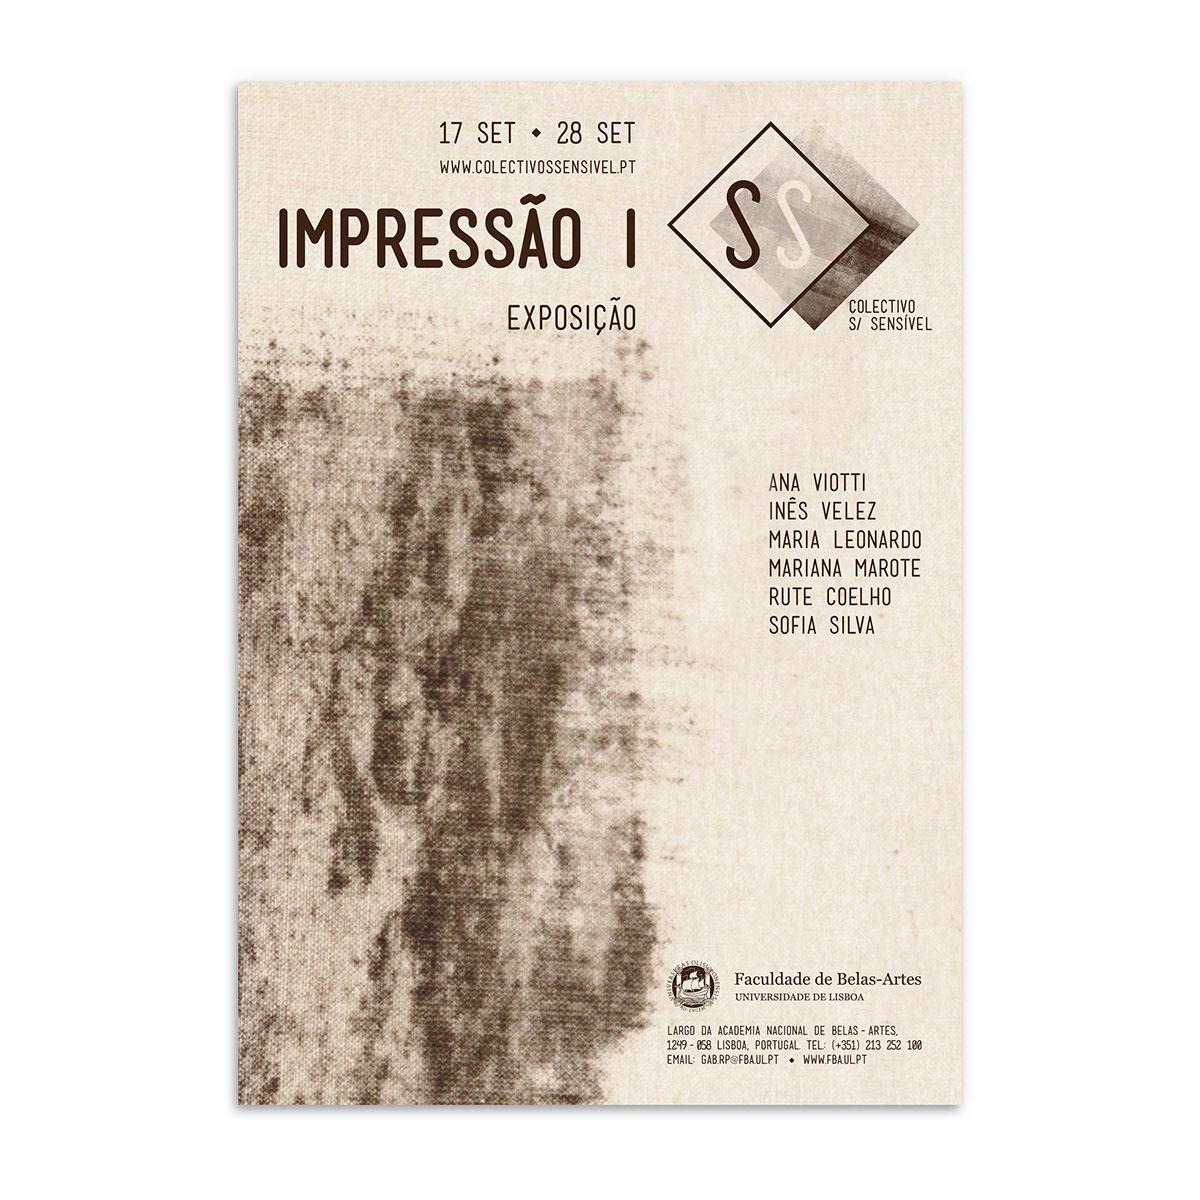 Impressão I by S/Sensível